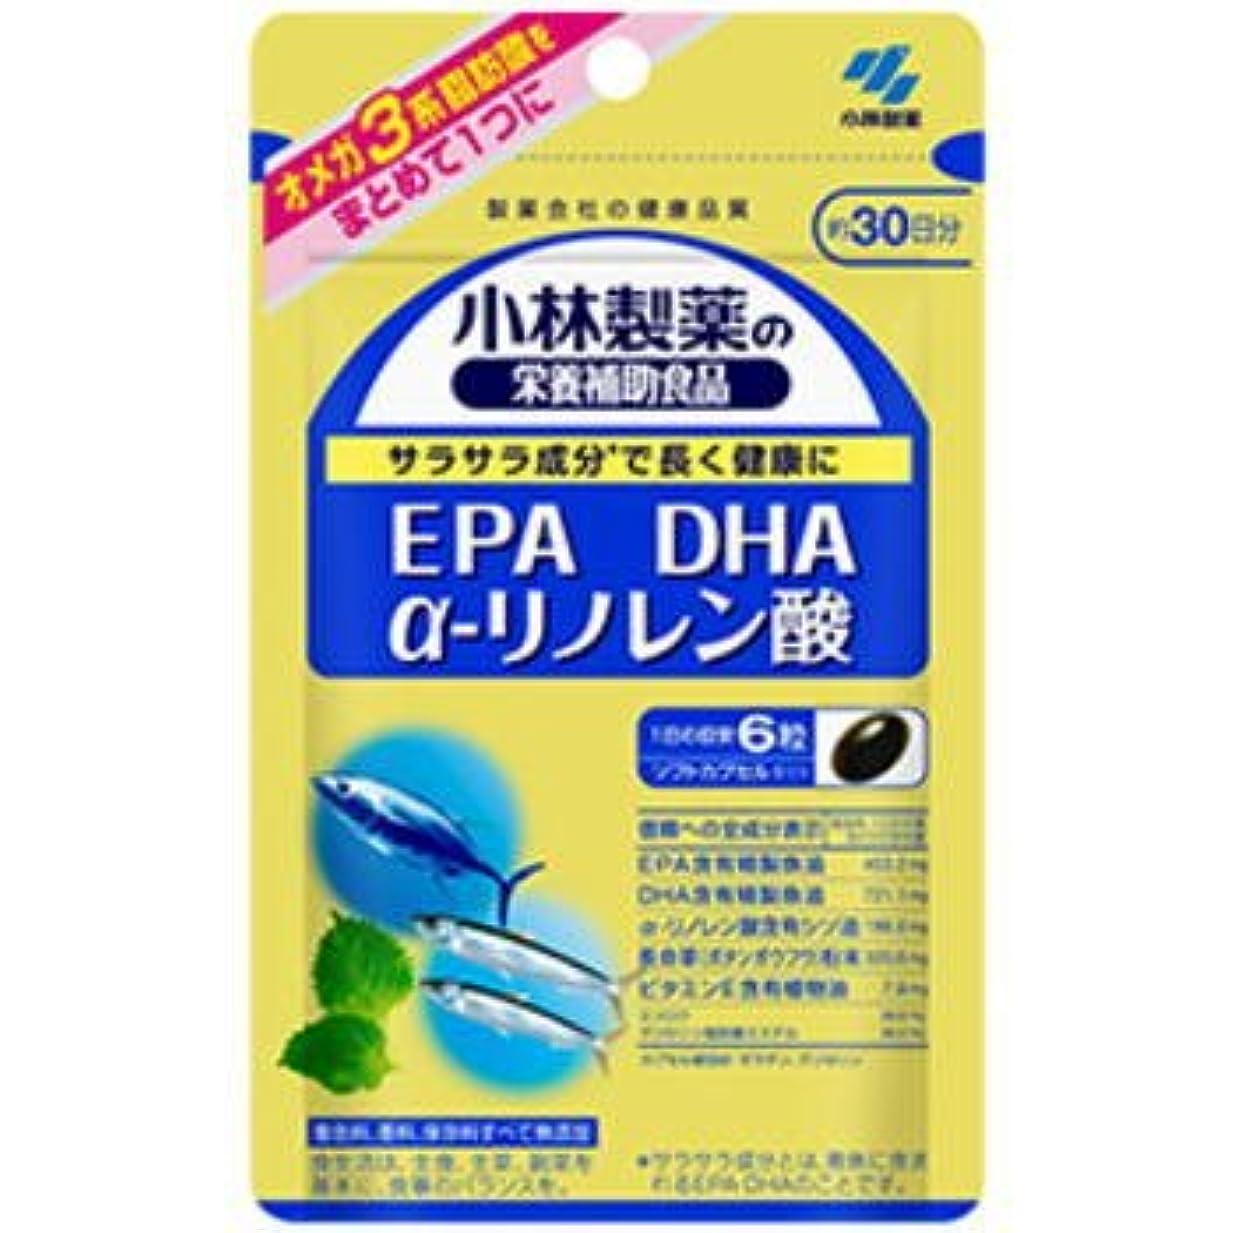 週末フィードバックプロポーショナル小林製薬 EPA DHA α-リノレン酸 180粒×6個セット【ネコポス発送】